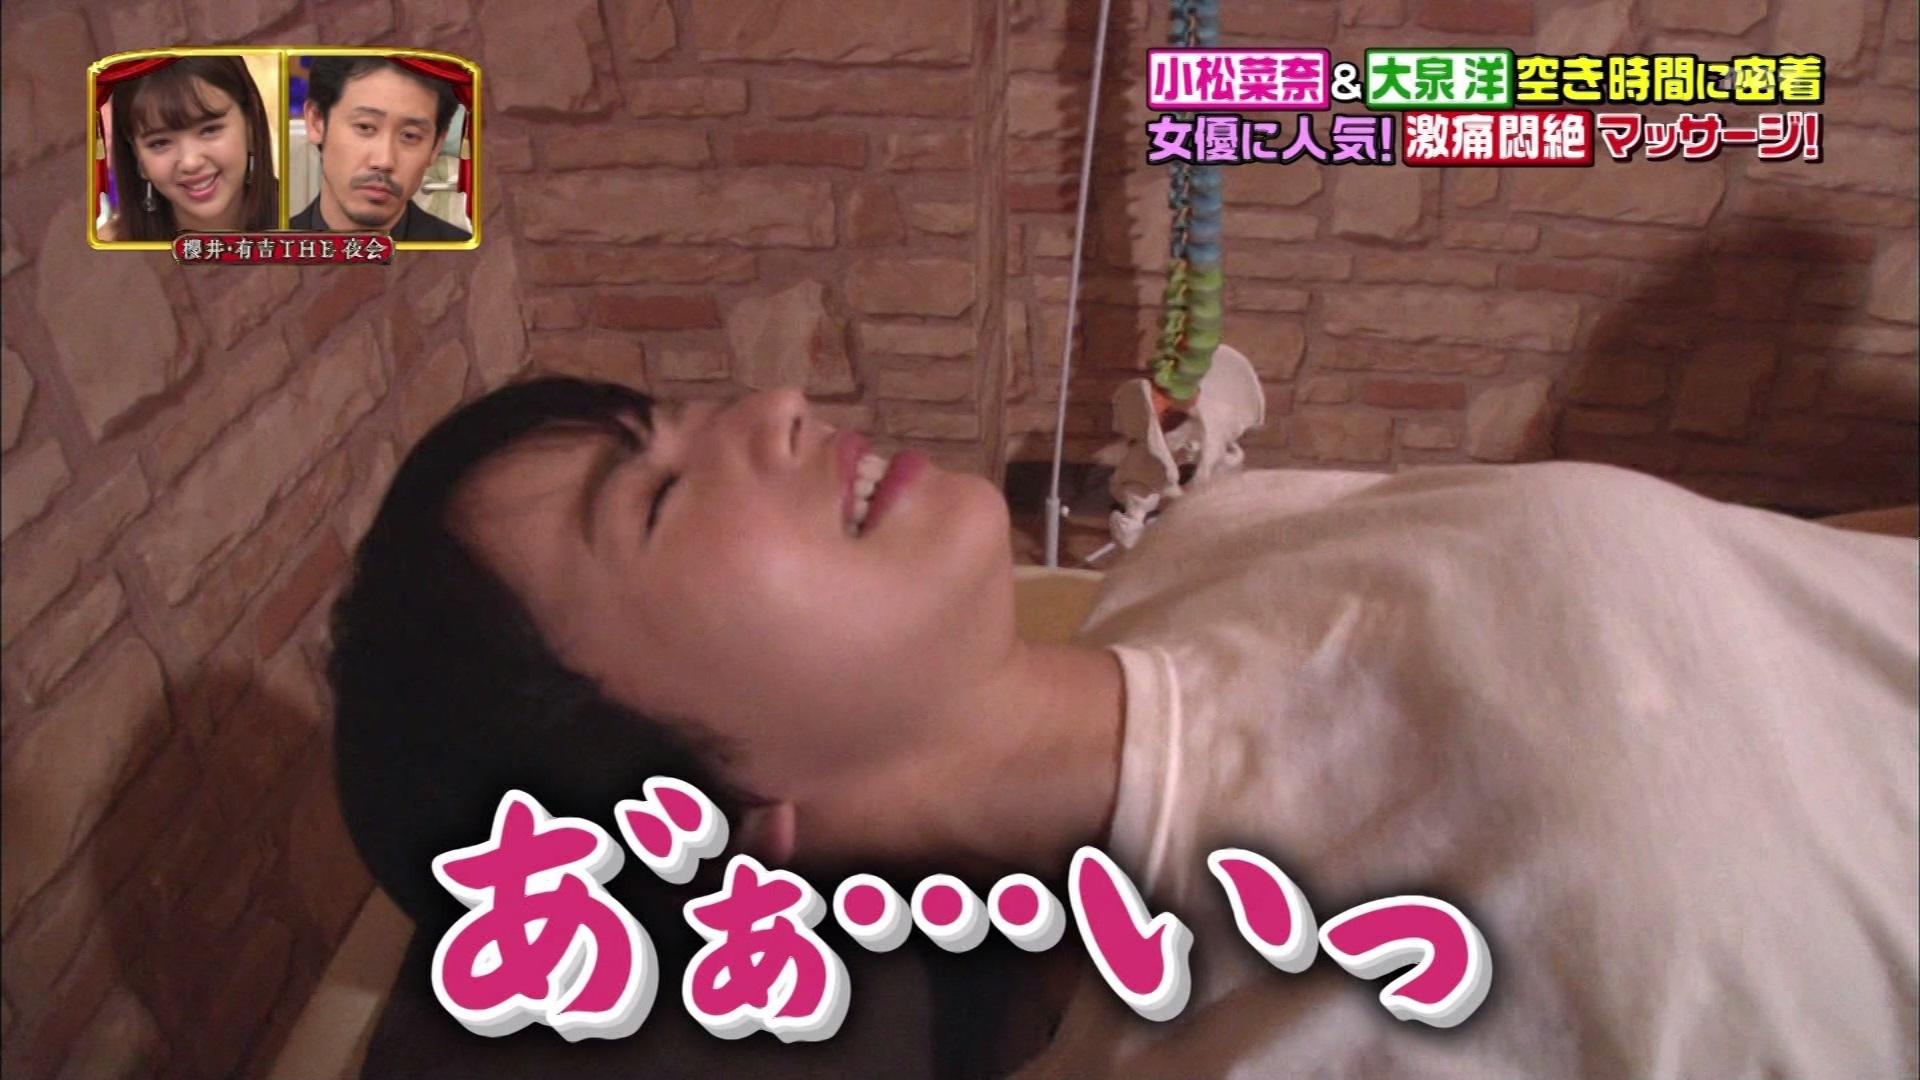 小松菜奈_マッサージ_テレビキャプ画像_05